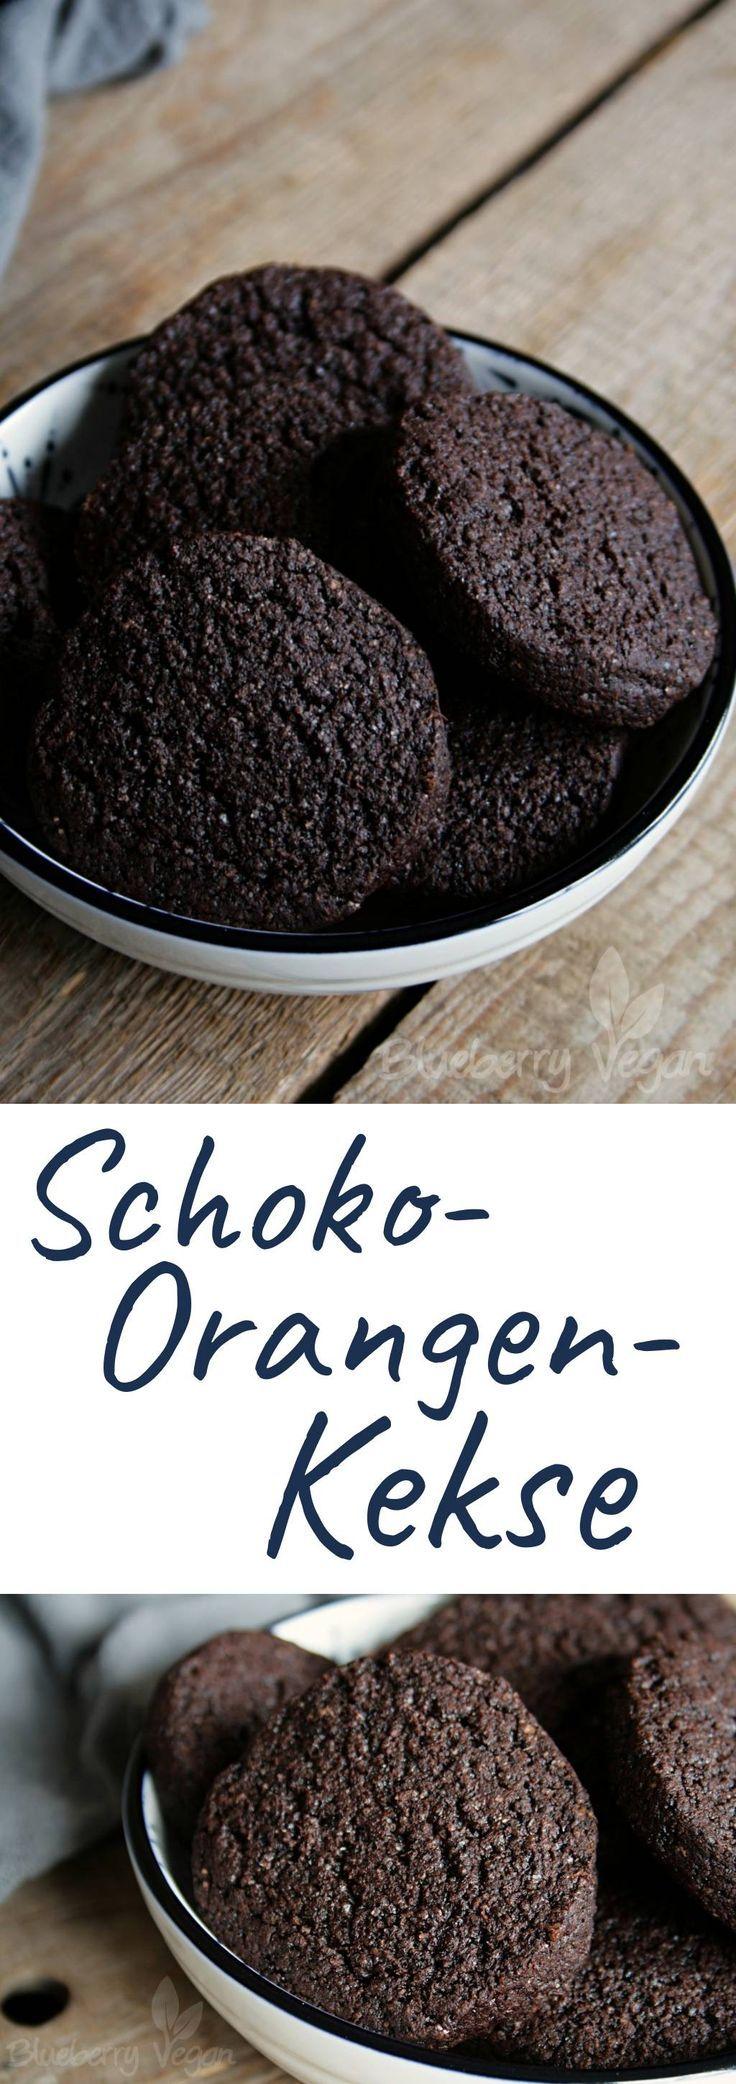 Schoko-Orangen-Kekse vegan